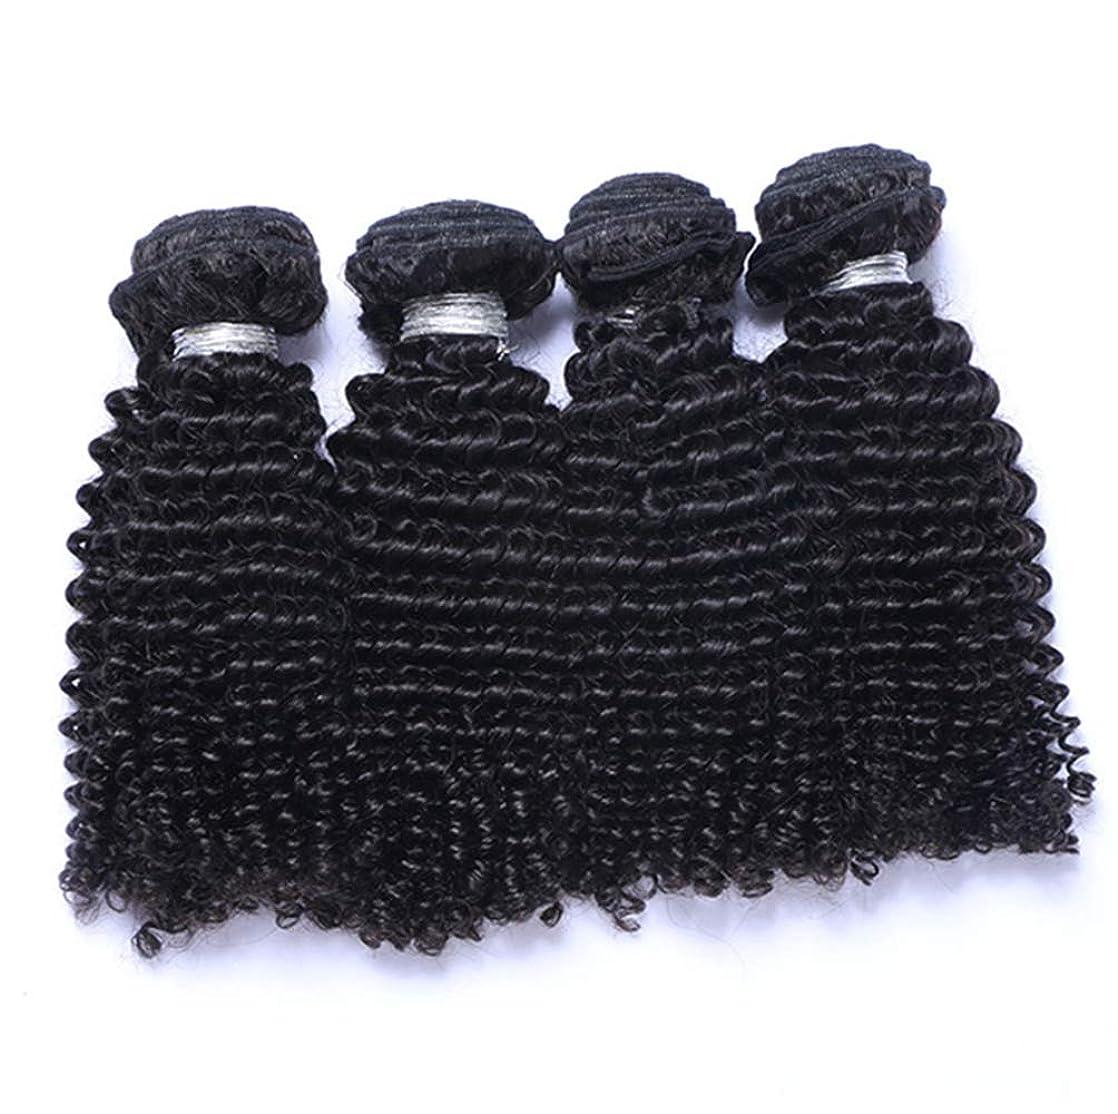 ダンスハウジング予報髪織り未処理ブラジルディープカーリーヘアバンドル本物の人間の髪バンドルバージンブラジル髪バンドル1ピース/パックナチュラルカラー